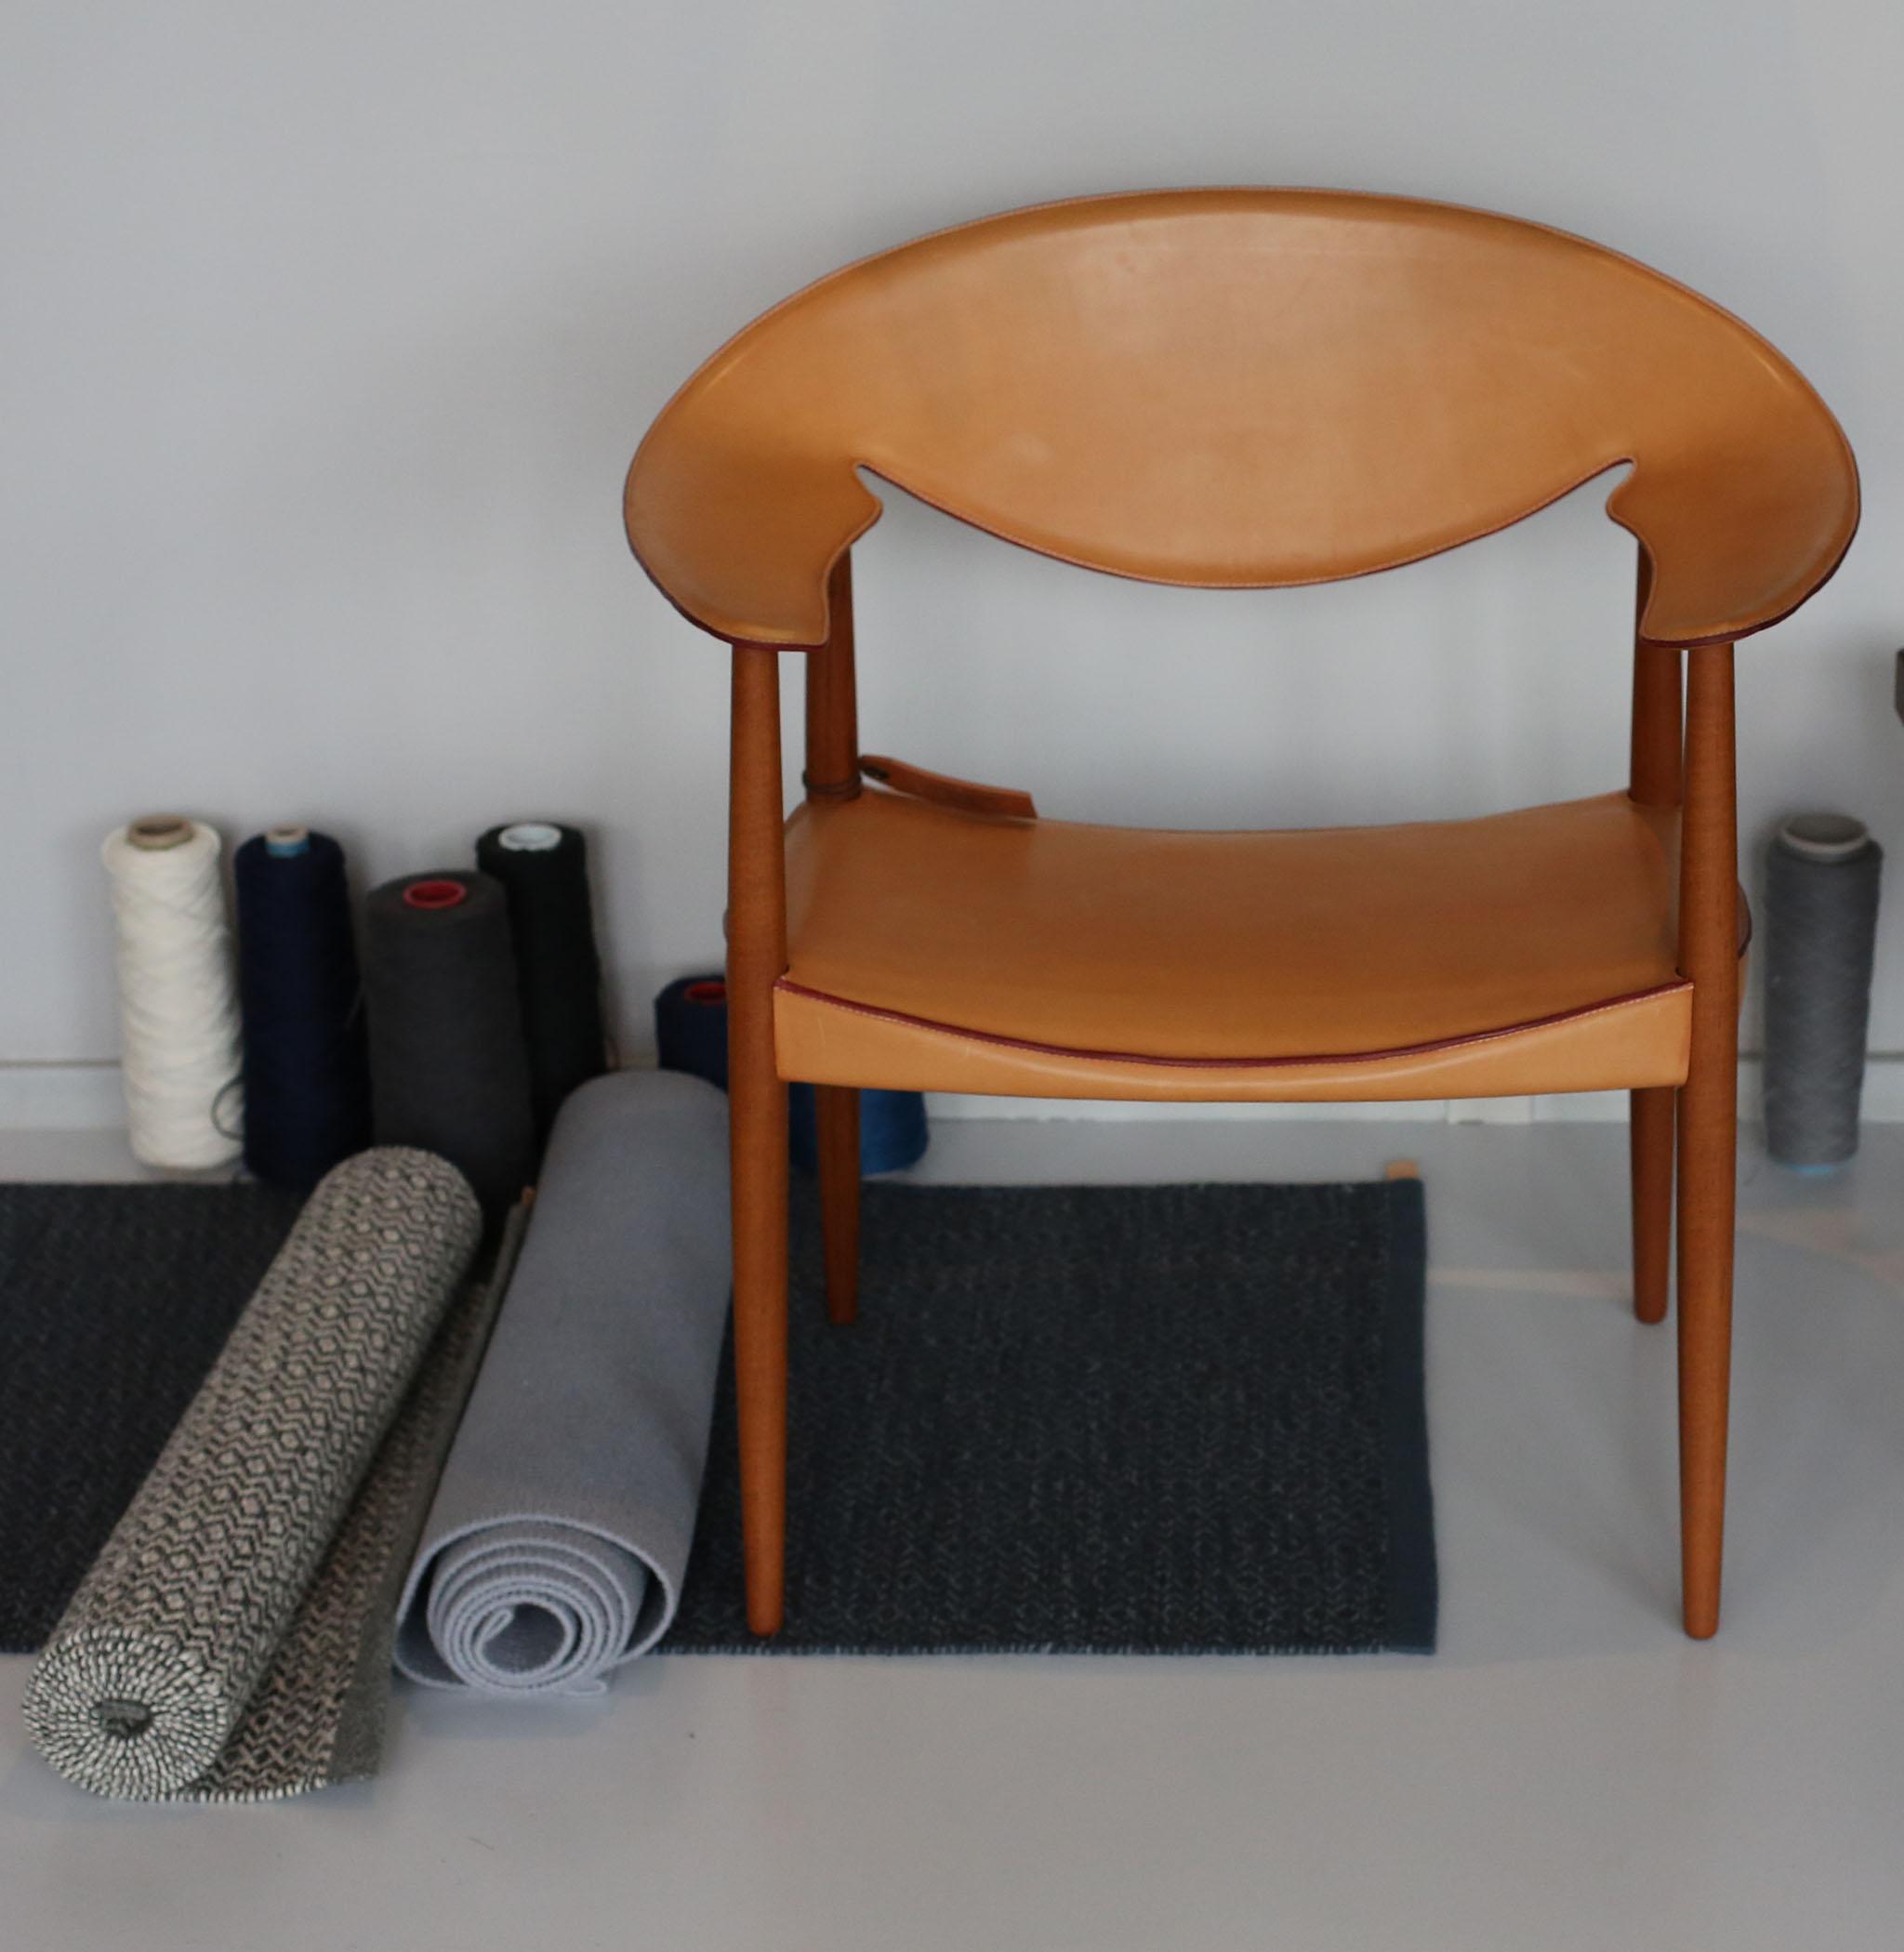 LM92 Or Metropolitan Chair By Ejner Larsen U0026 Aksel Bender Madsen